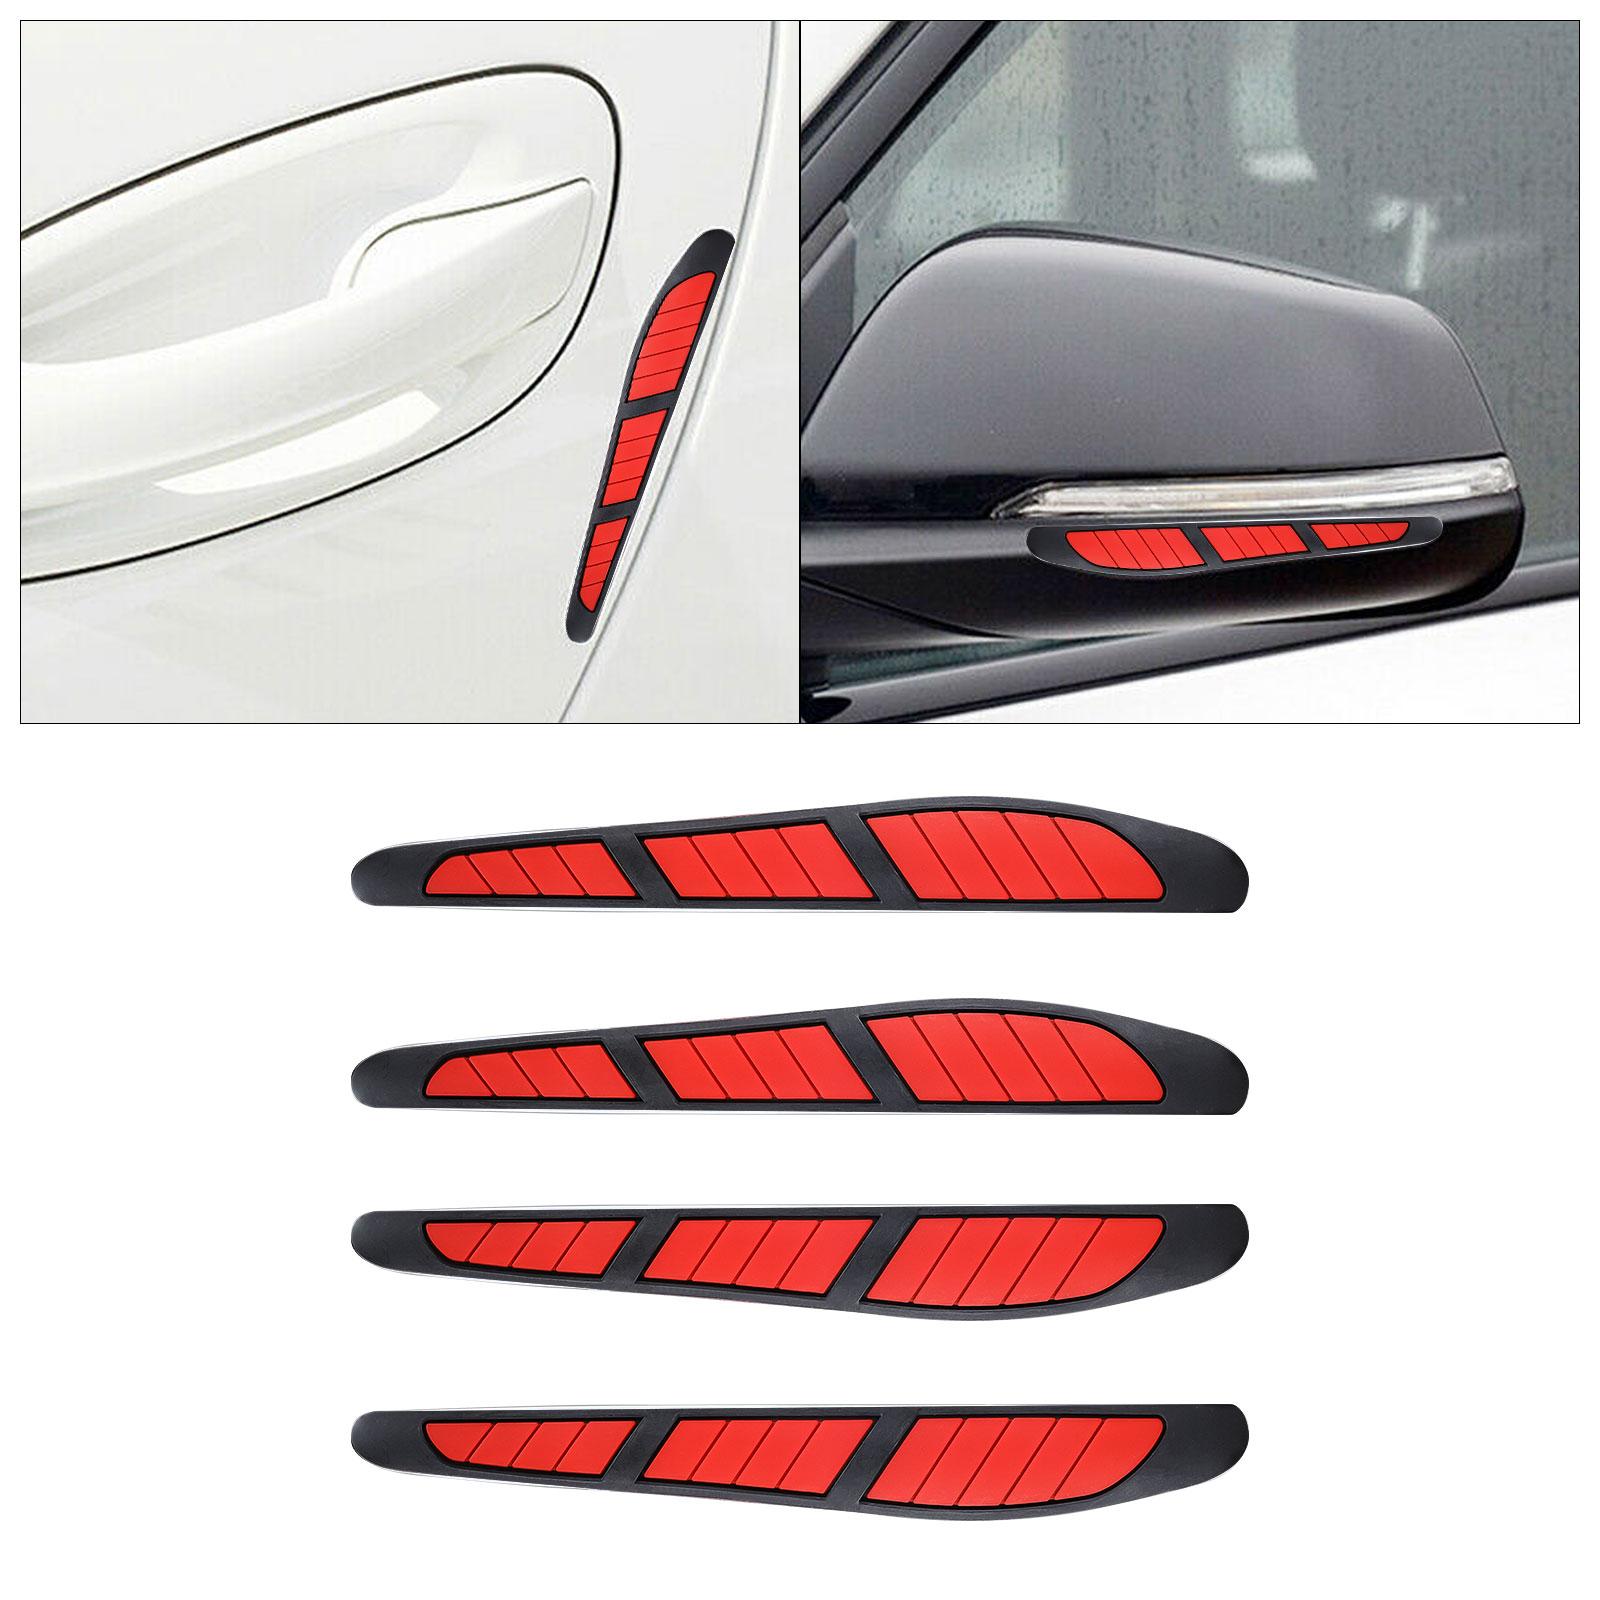 EEEkit 4Pcs/Set Auto Car Door Edge Guard